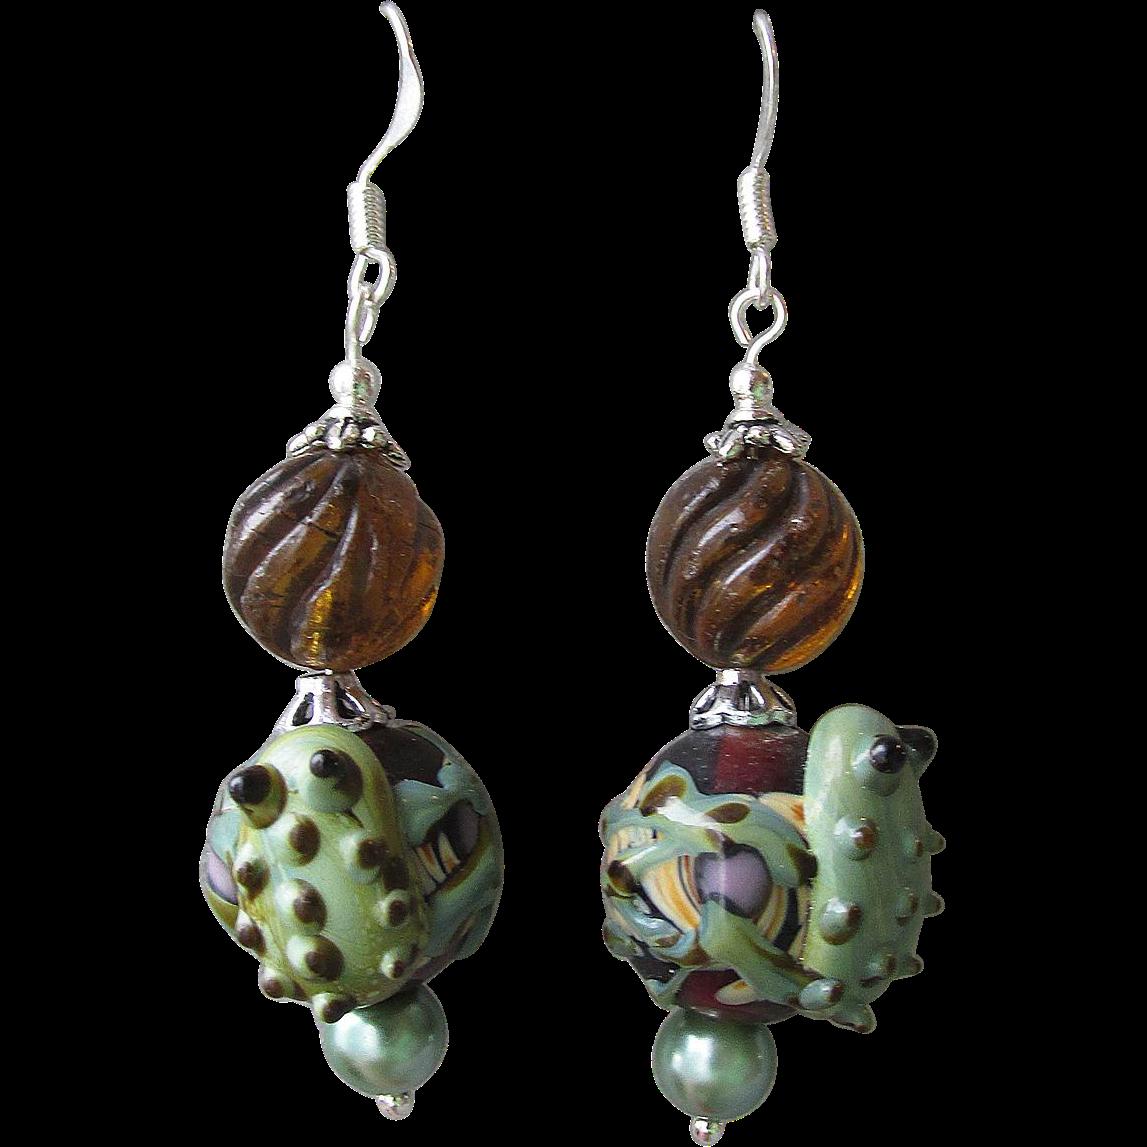 """""""My Secret Garden"""" Lampwork Art Glass Artisan Earrings, """"Frog & Amber Bubbles"""" #31"""